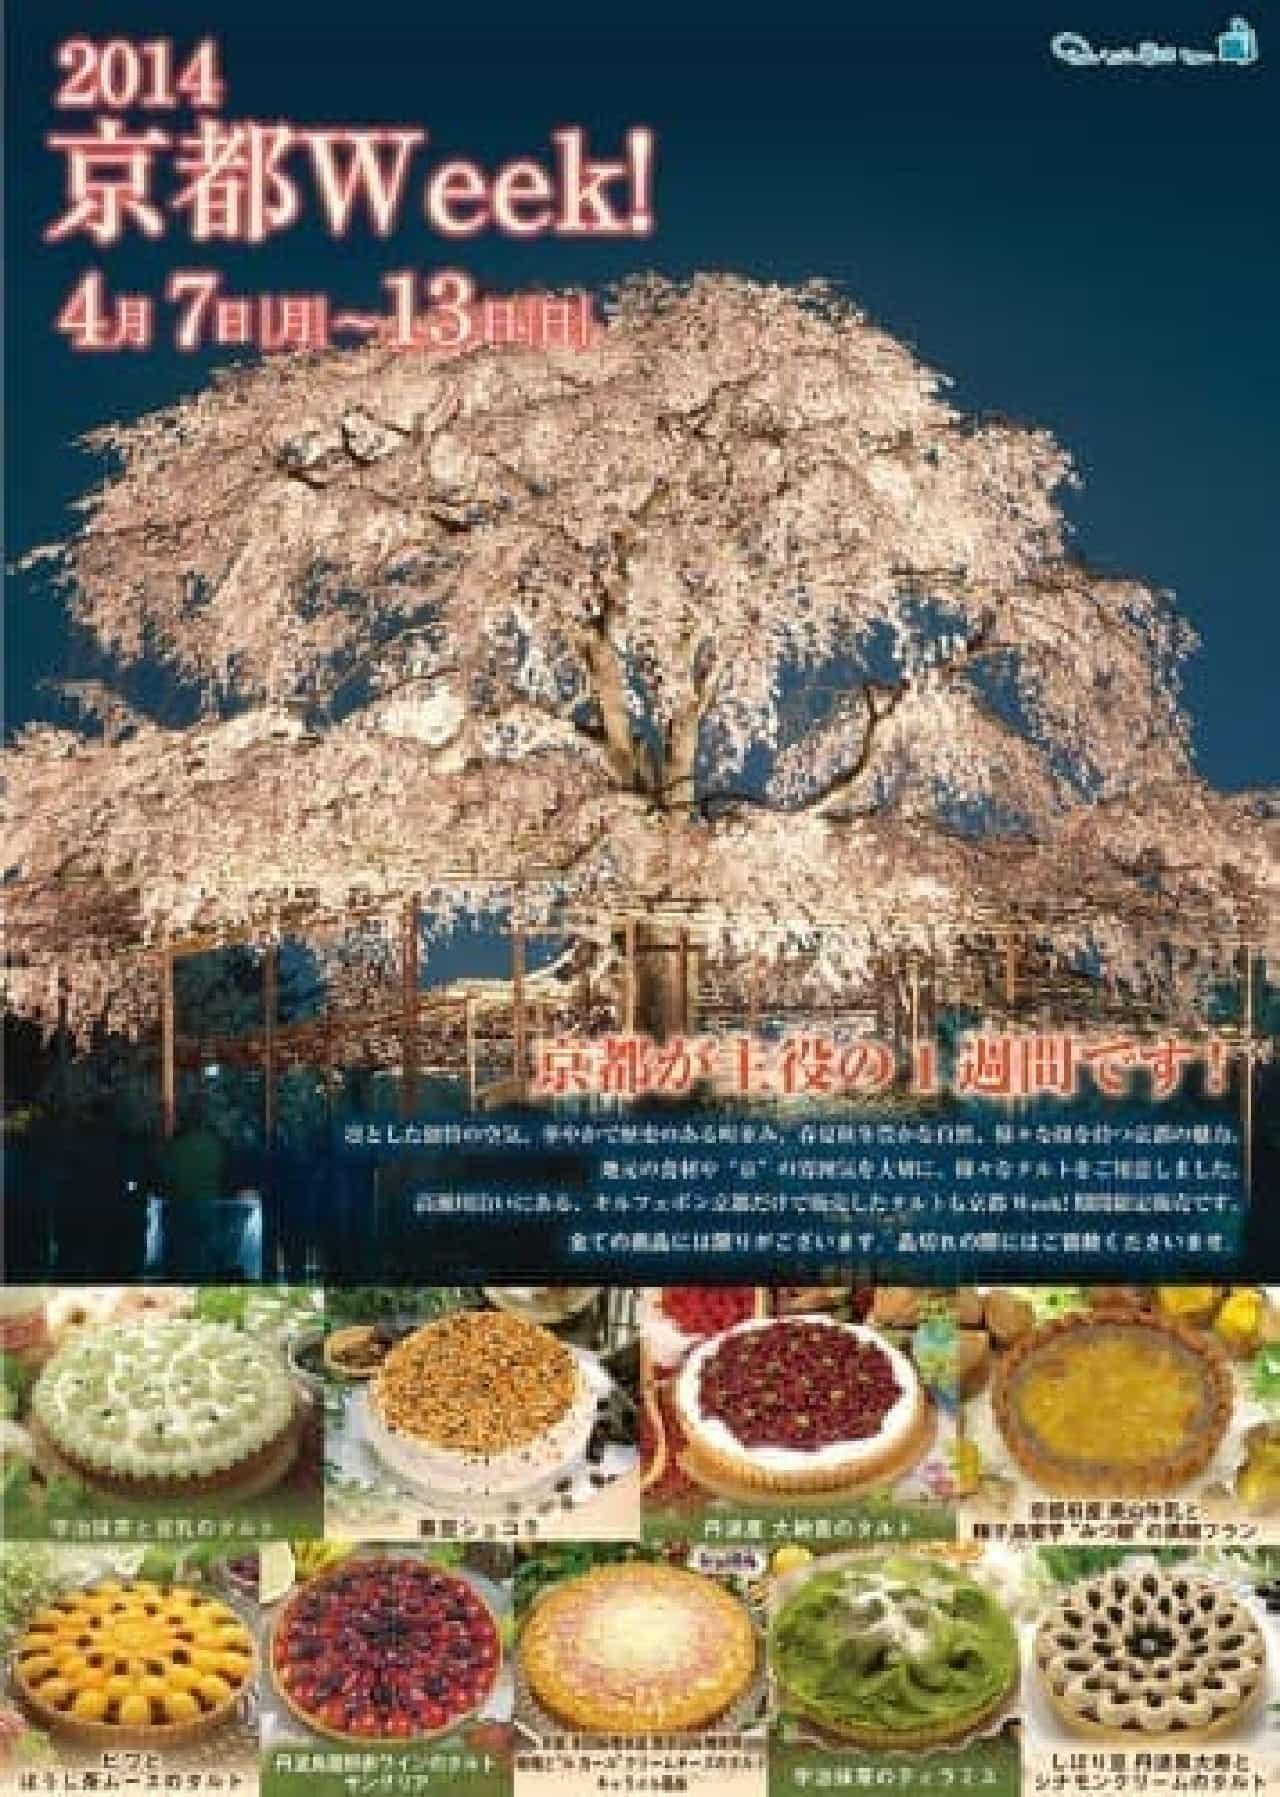 キル フェ ボンが京都に染まる1週間